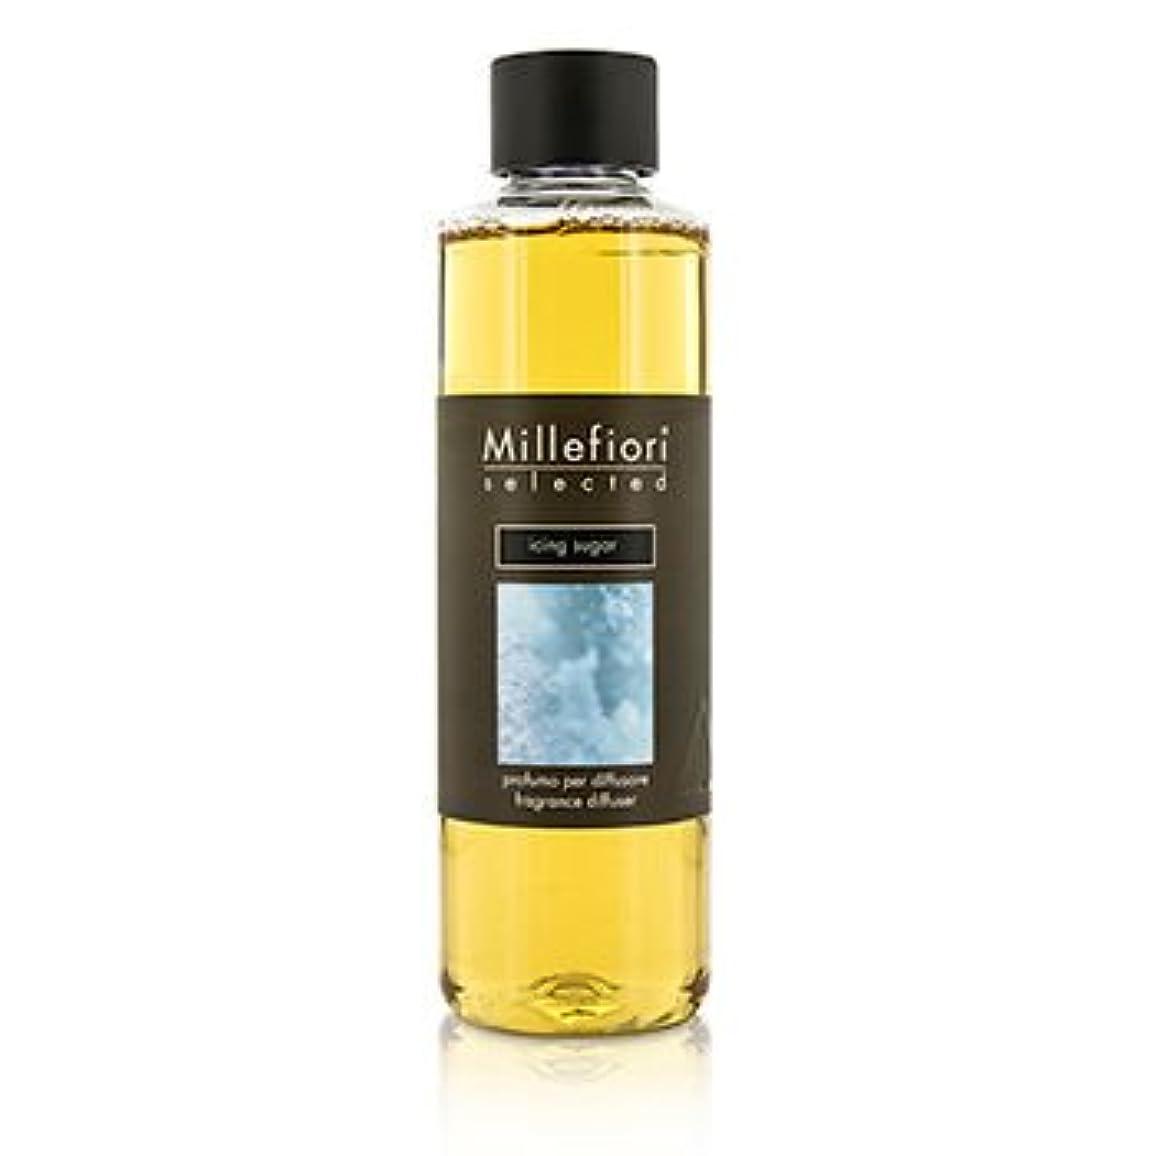 聖書けがをする前提条件[Millefiori] Selected Fragrance Diffuser Refill - Icing Sugar 250ml/8.45oz